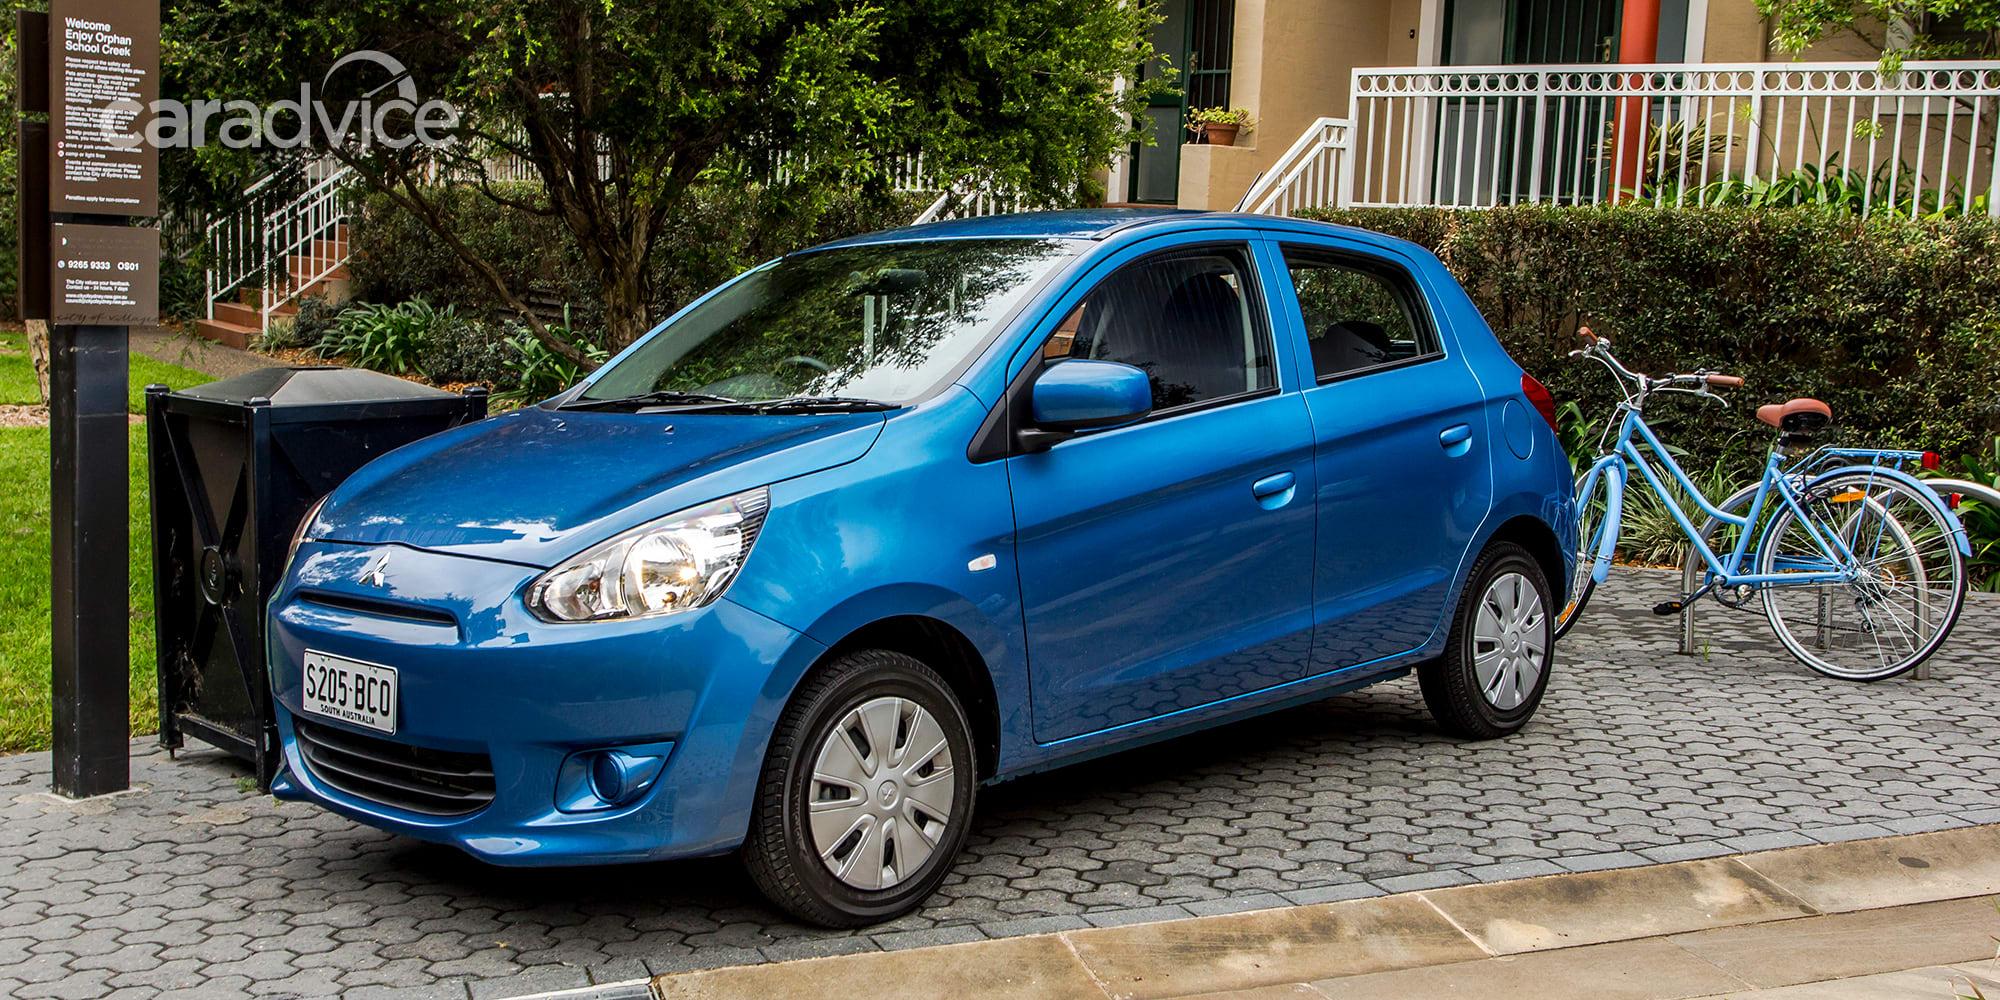 Australia's cheapest new cars | CarAdvice